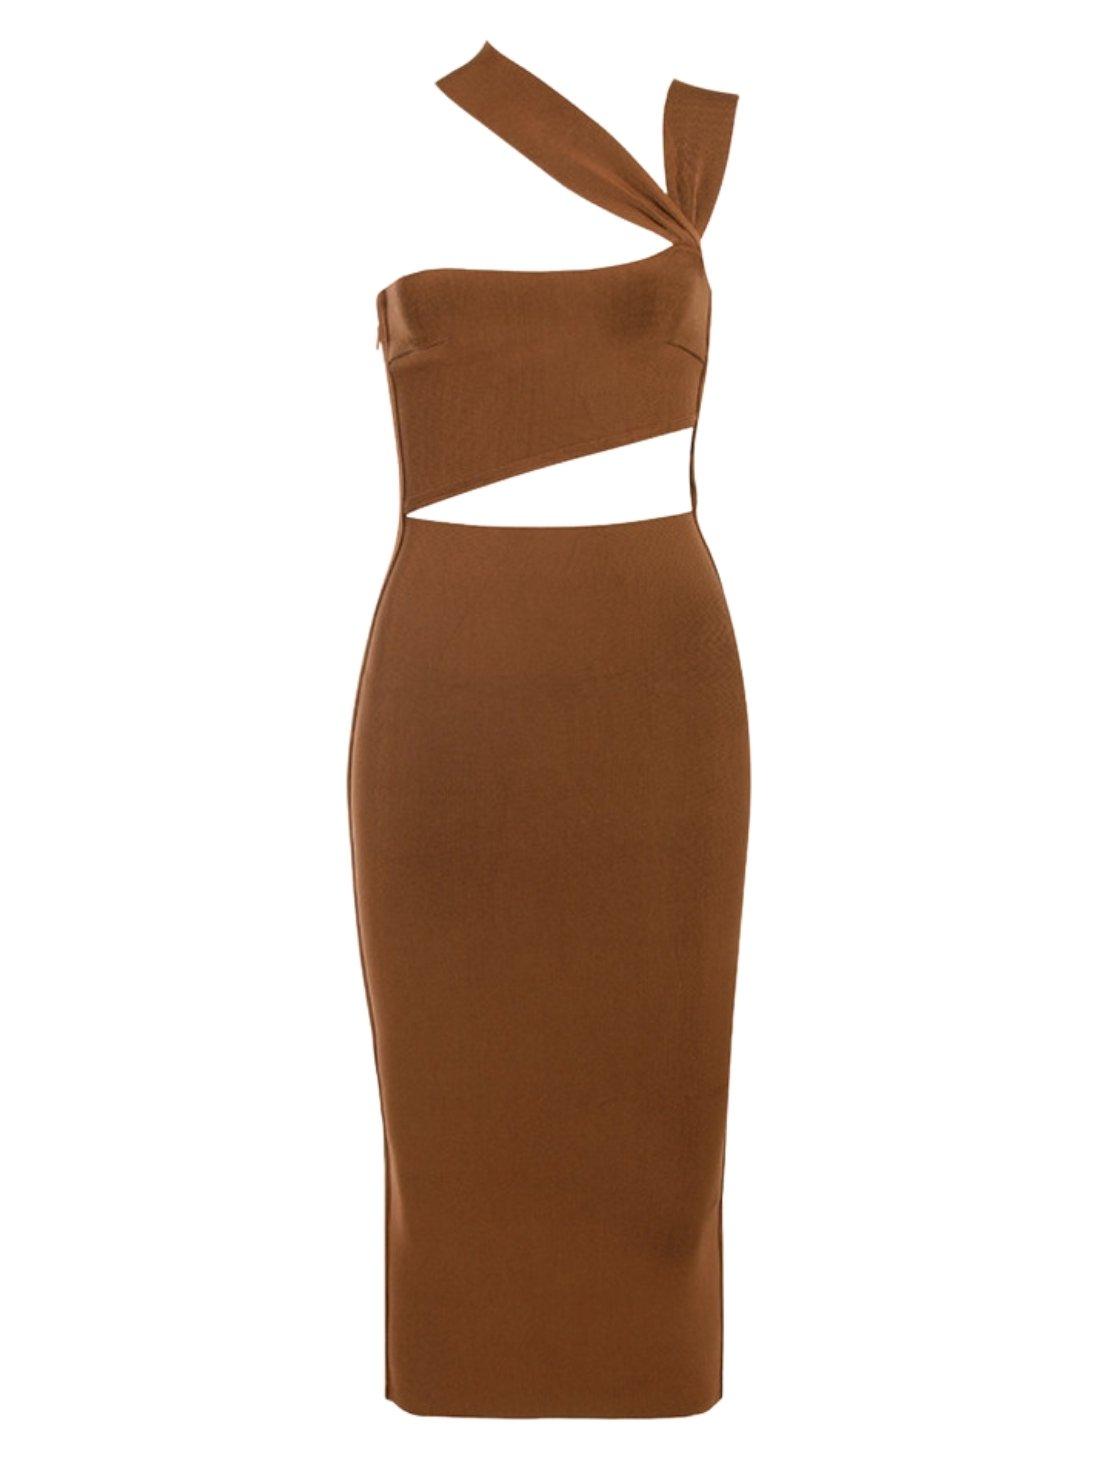 Wholesale Sleeveless Halter Bandage Dress